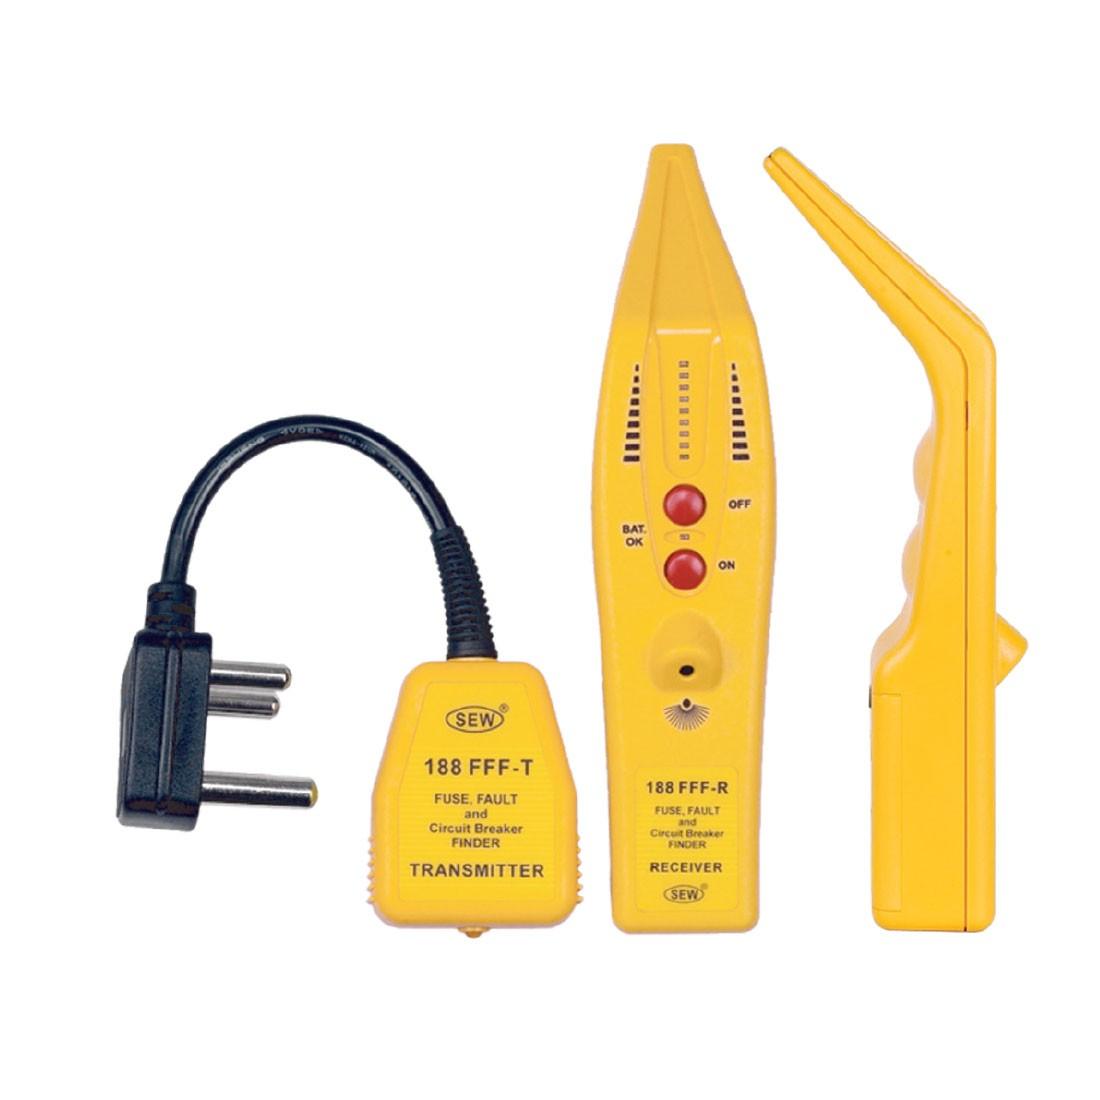 188FFF Circuit Breaker Identifier